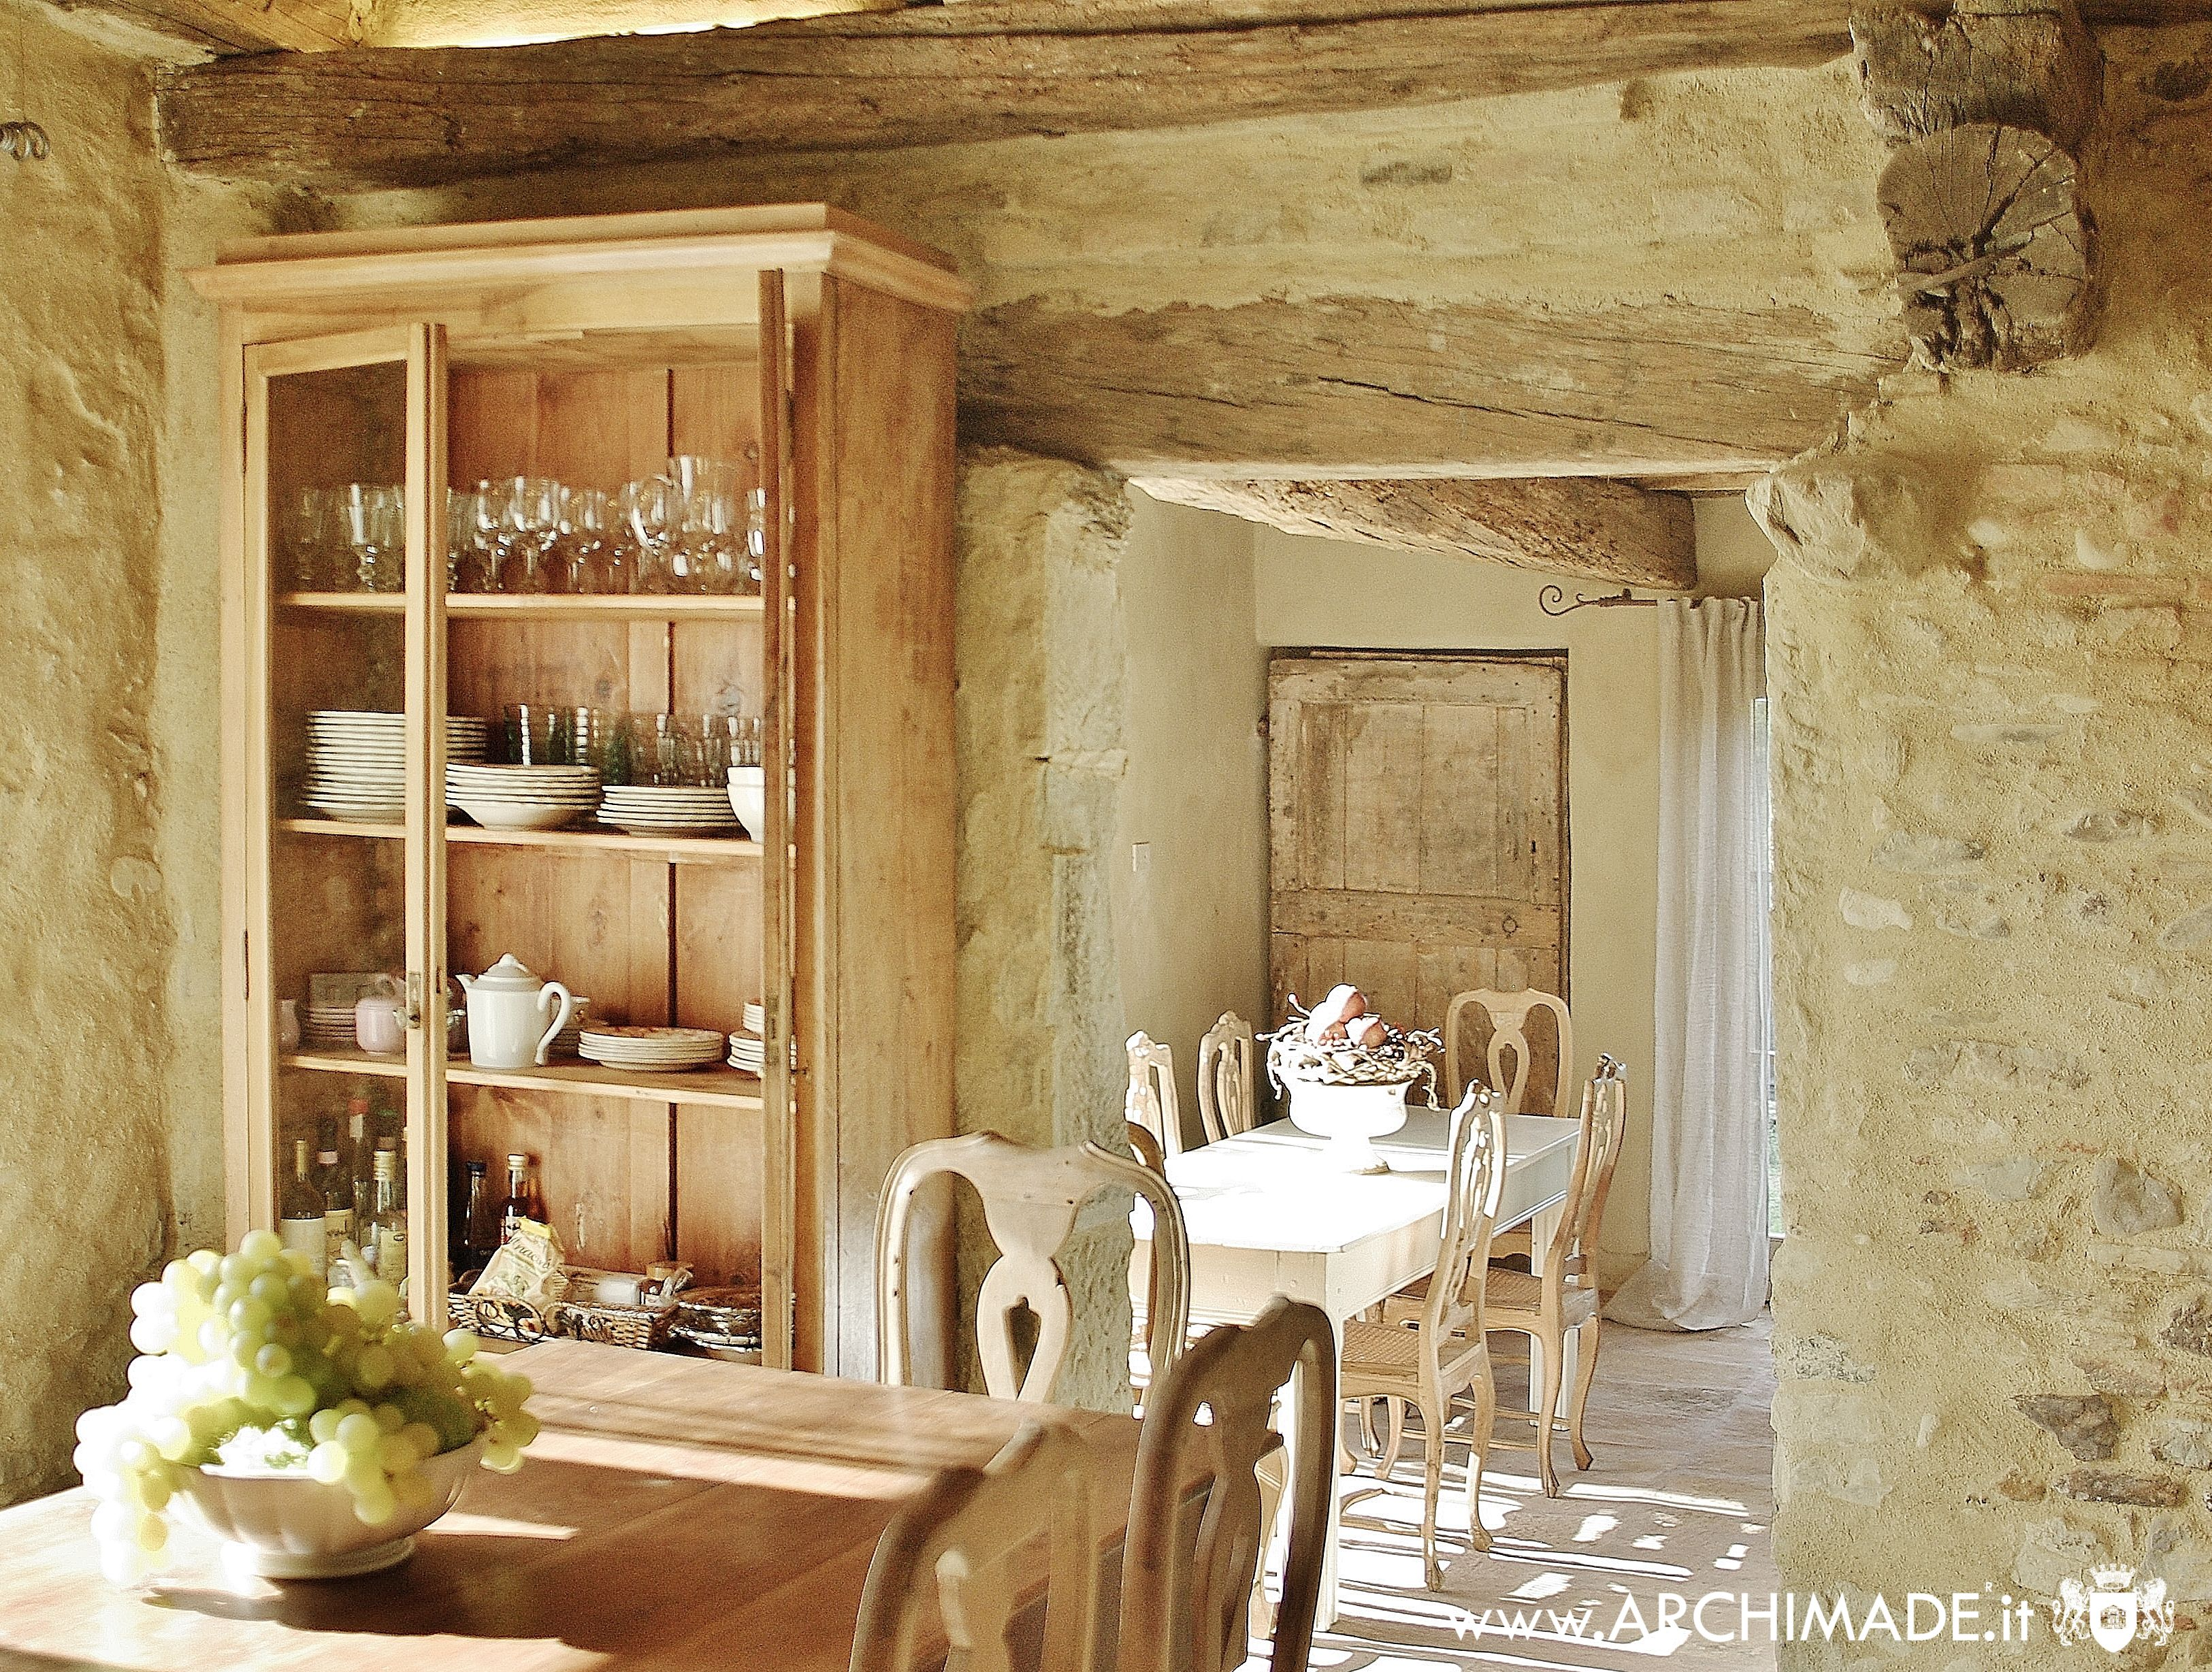 Tuscany interiors by c o u n t r y d i n for Country francese arredamento